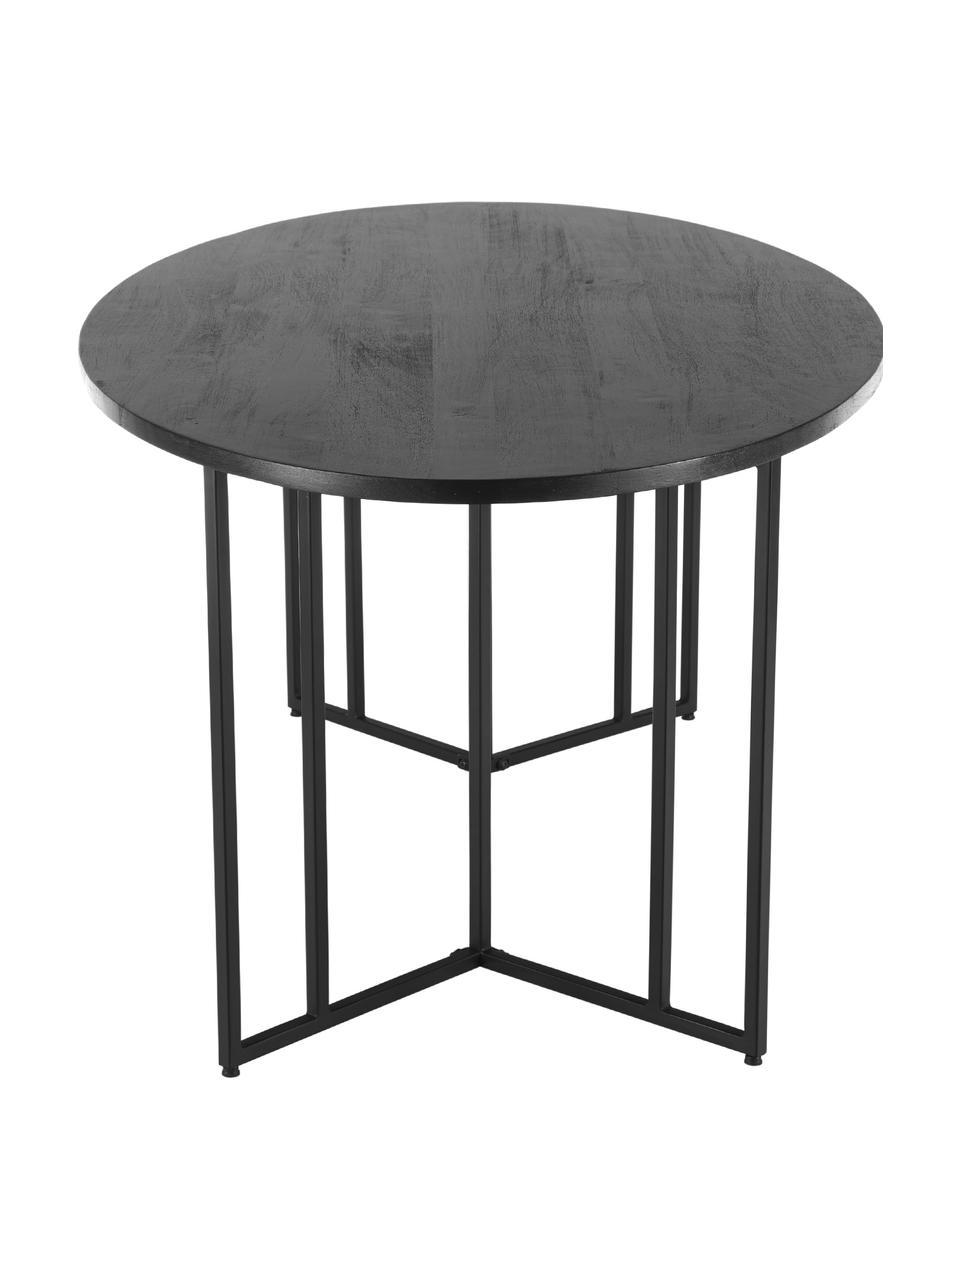 Ovale massief houten eettafel Luca in zwart, Tafelblad: geborsteld en gelakt mass, Frame: gepoedercoat metaal, Tafelblad: zwart gelakt mangohout. Frame: mat zwart, B 180 x D 100 cm